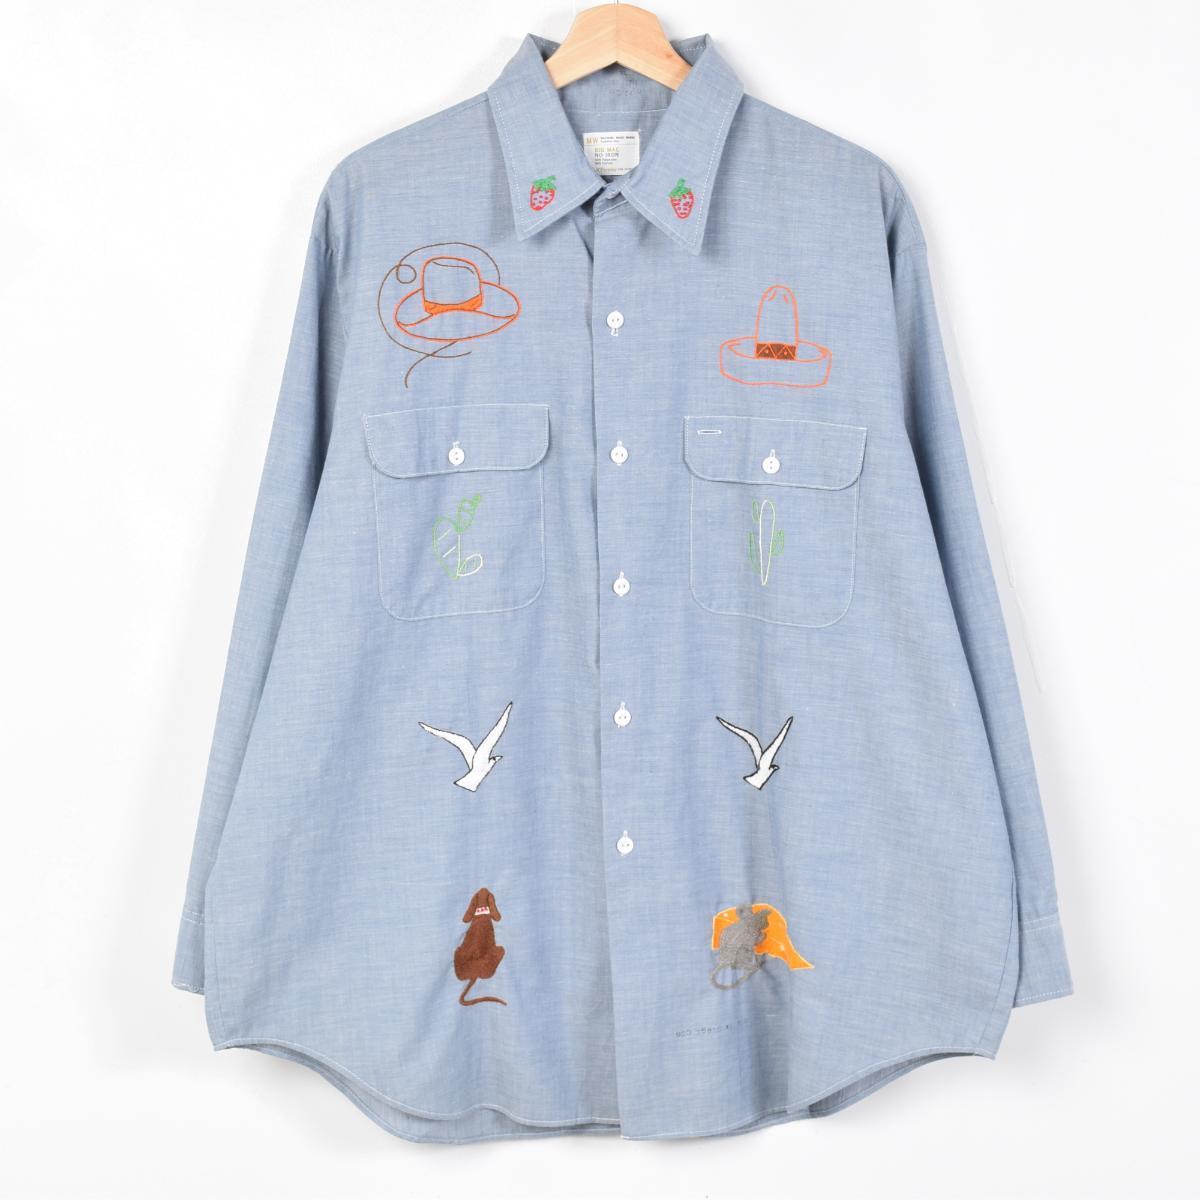 70 年代大 Mac 佩叮咬? 集长套筒纺衬衫男装 XL 老式巨无霸 /weu9366